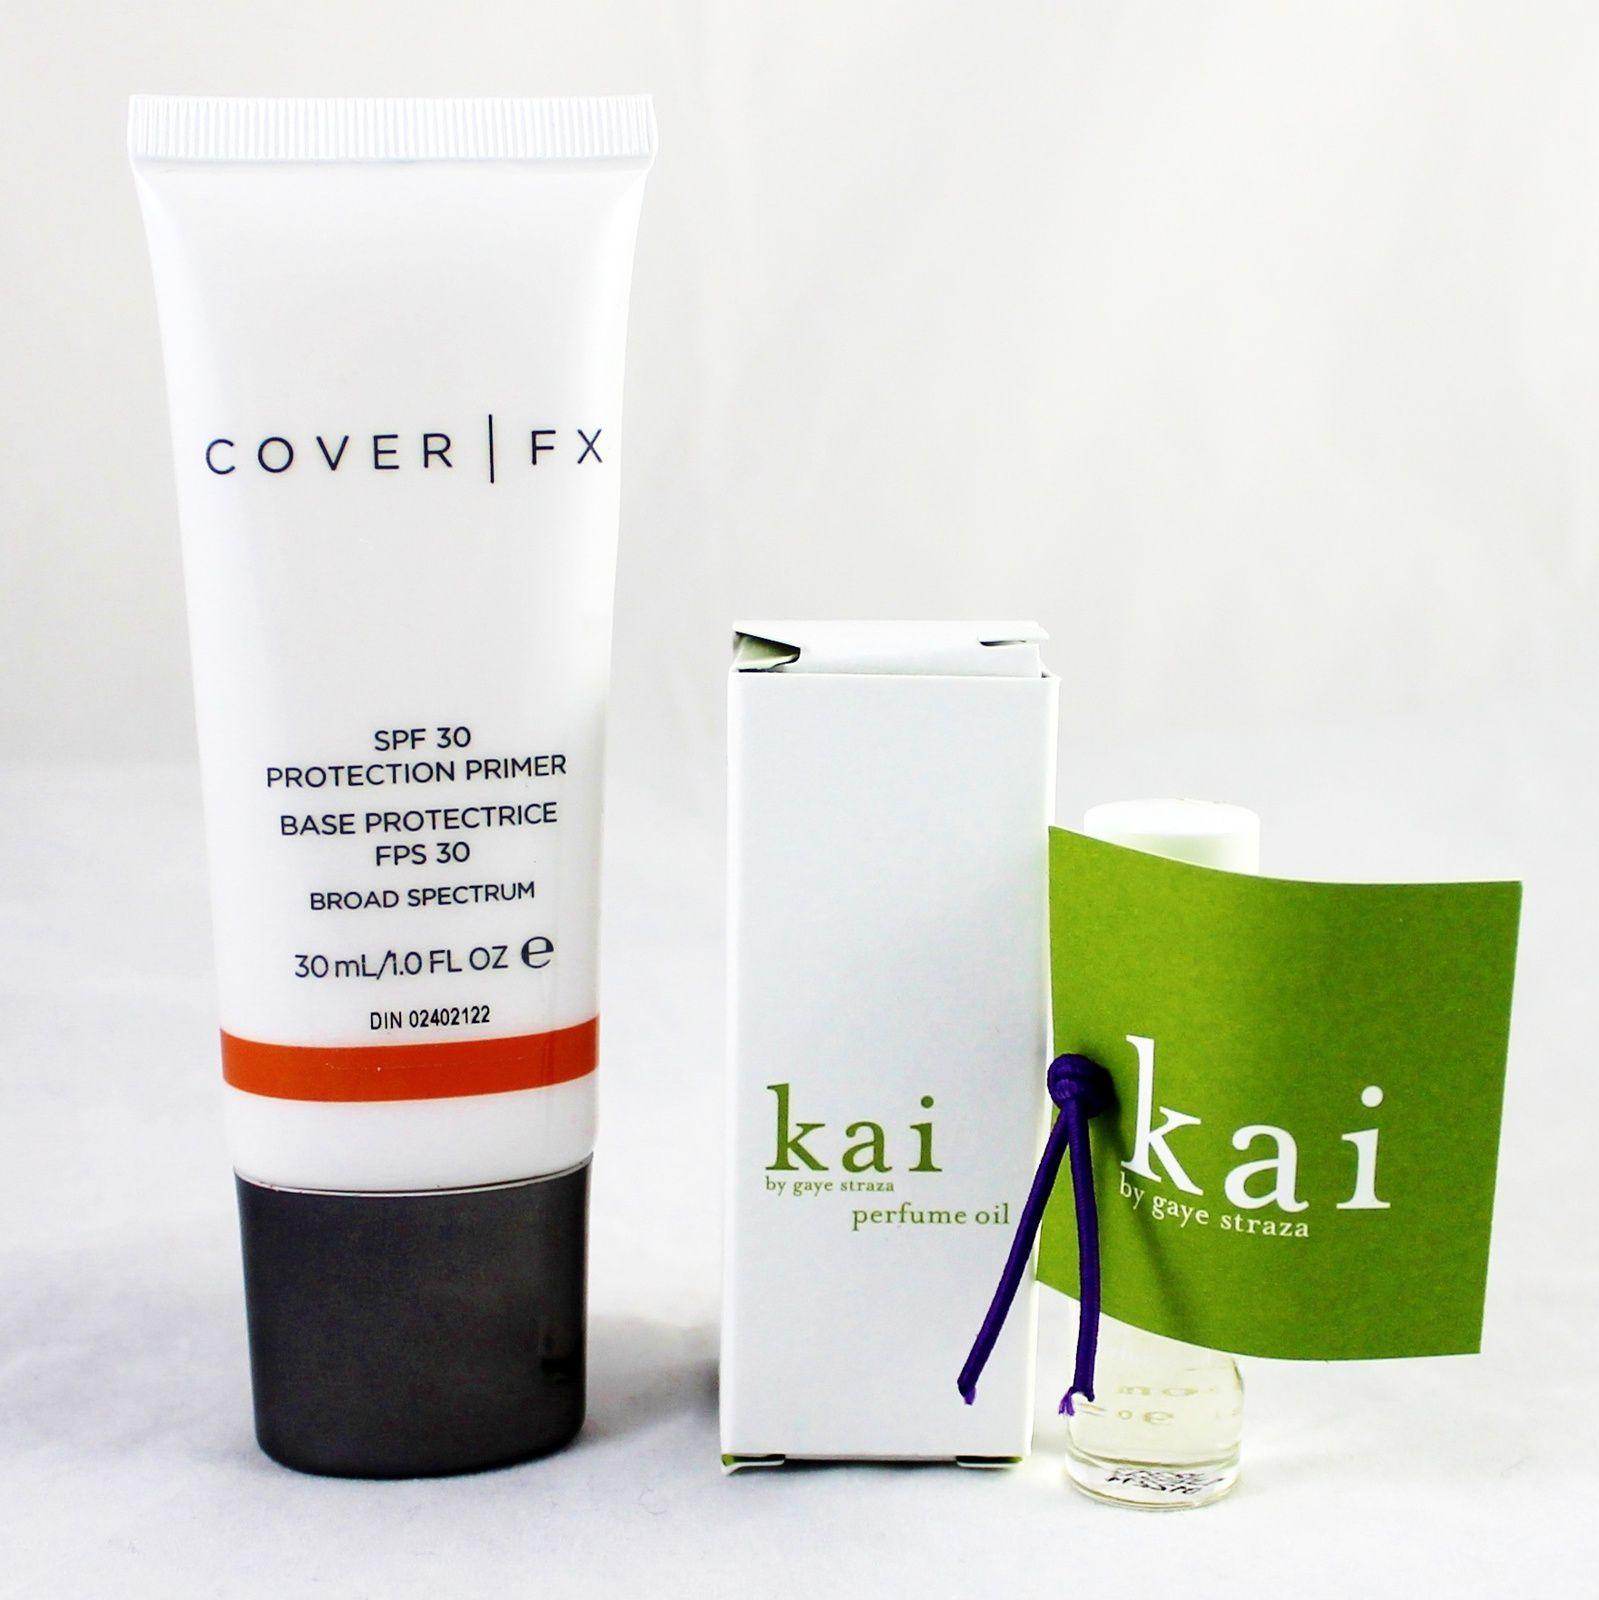 Cover FX SPF 30 Protection Primer & Kai Perfume Oil.